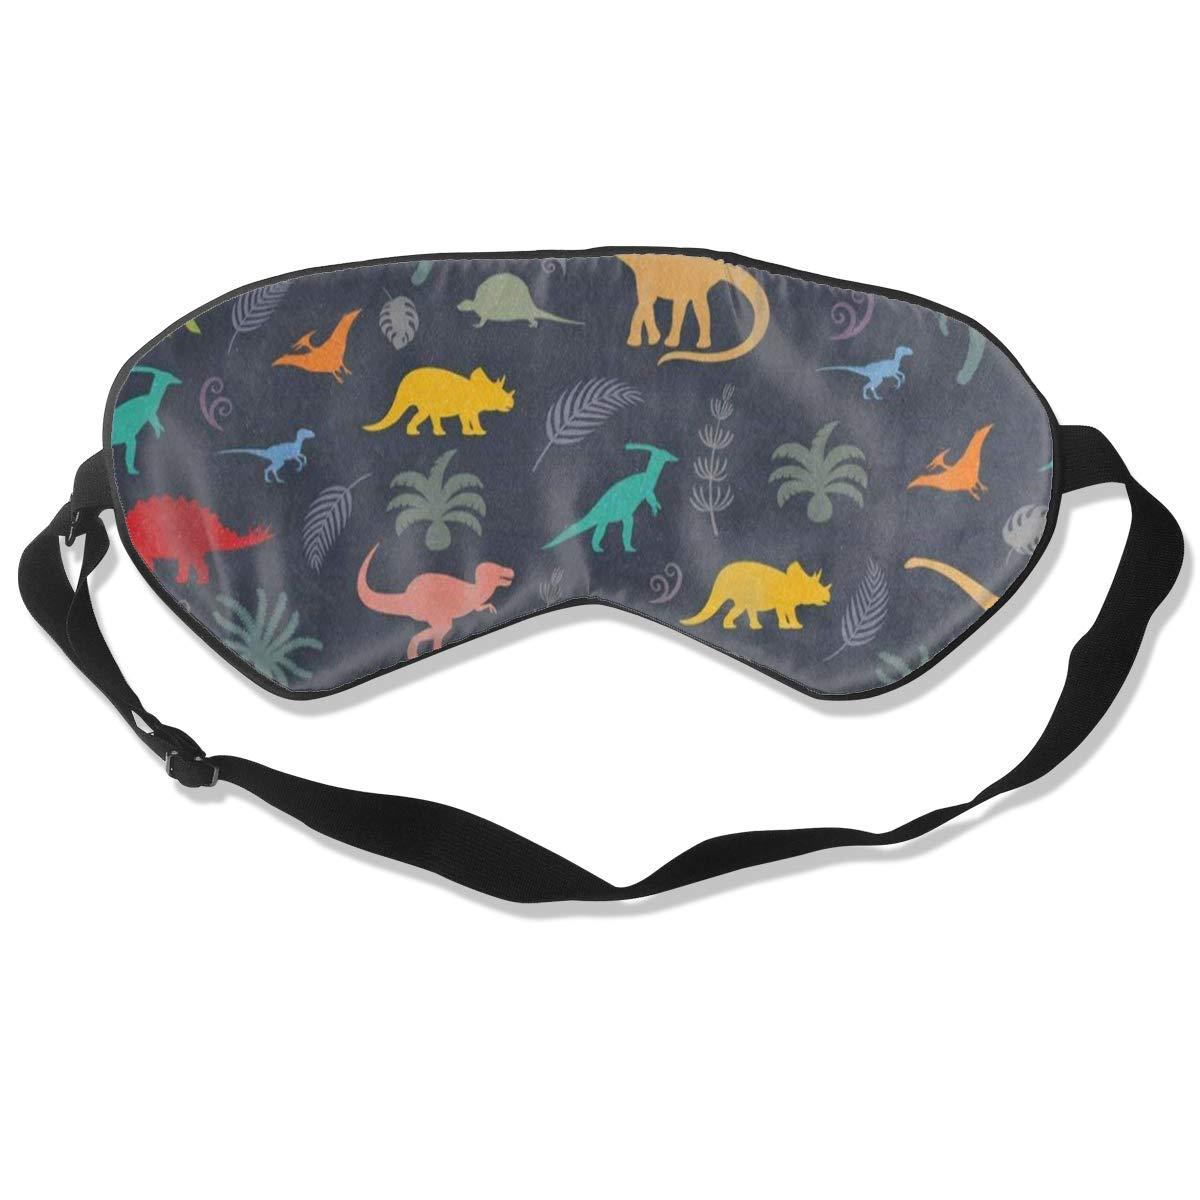 Custom Sleeping Mask Forest Palm Tree Dinosaur Adjustable Breathable Sleep Mask/Sleeping Eyes Mask/Sleep Eyes Mask/Eyeshade/Blindfold